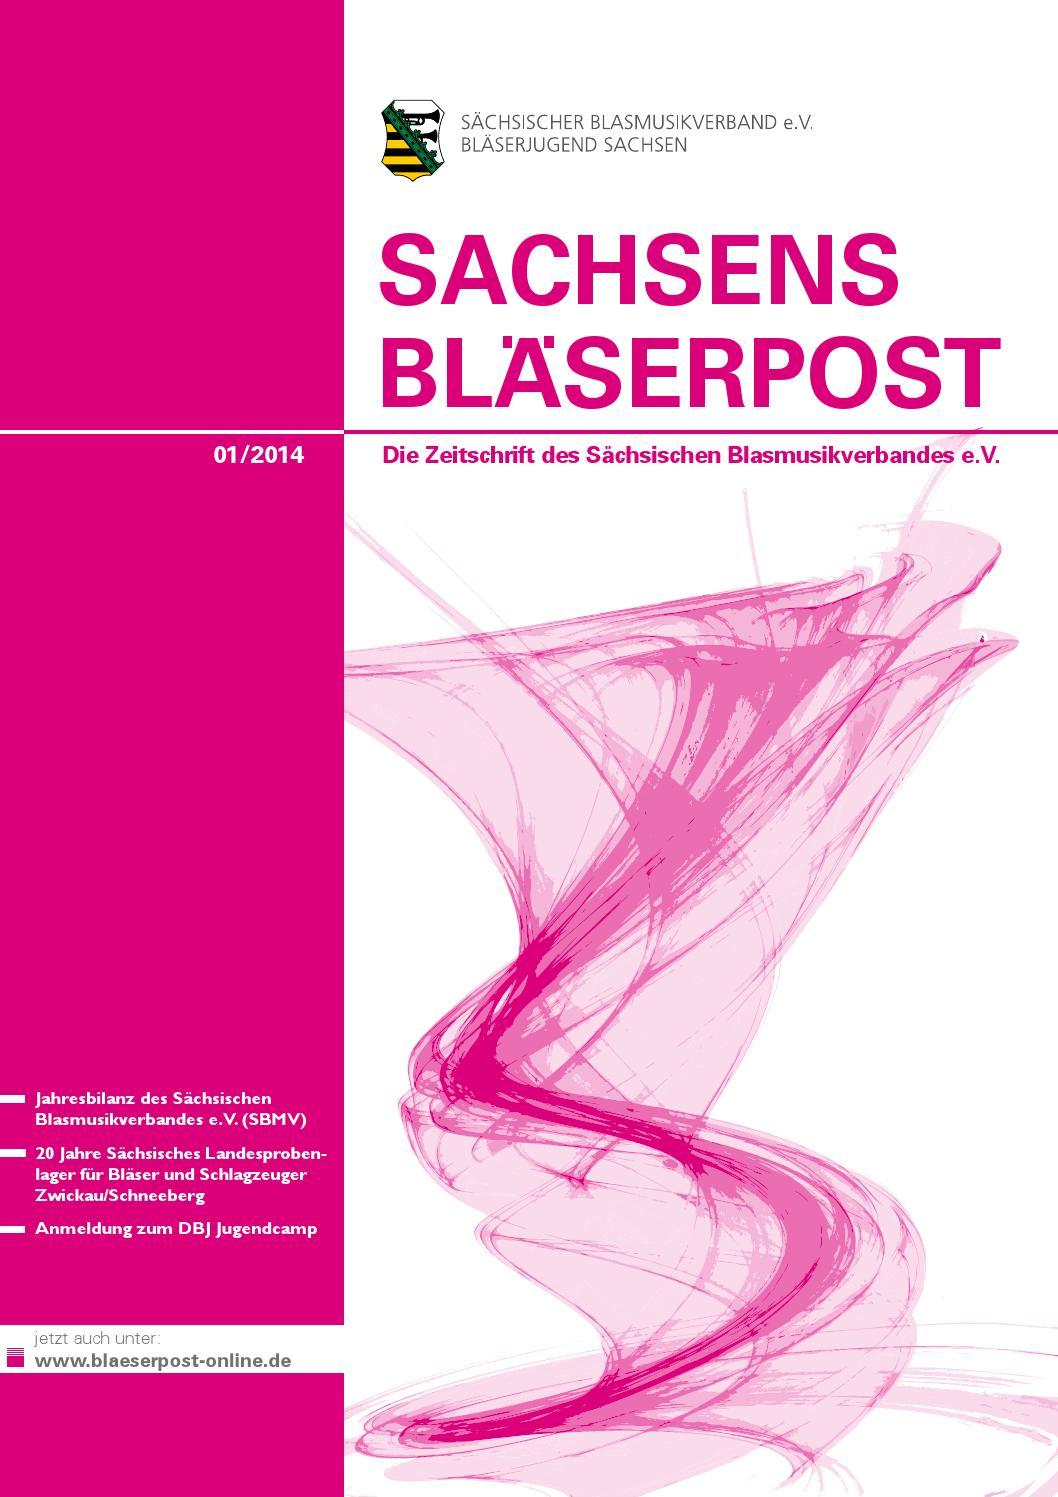 v 01 By Sächsischer Blasmusikverband Ausg Komplett E Bp 14 PTZOiukX